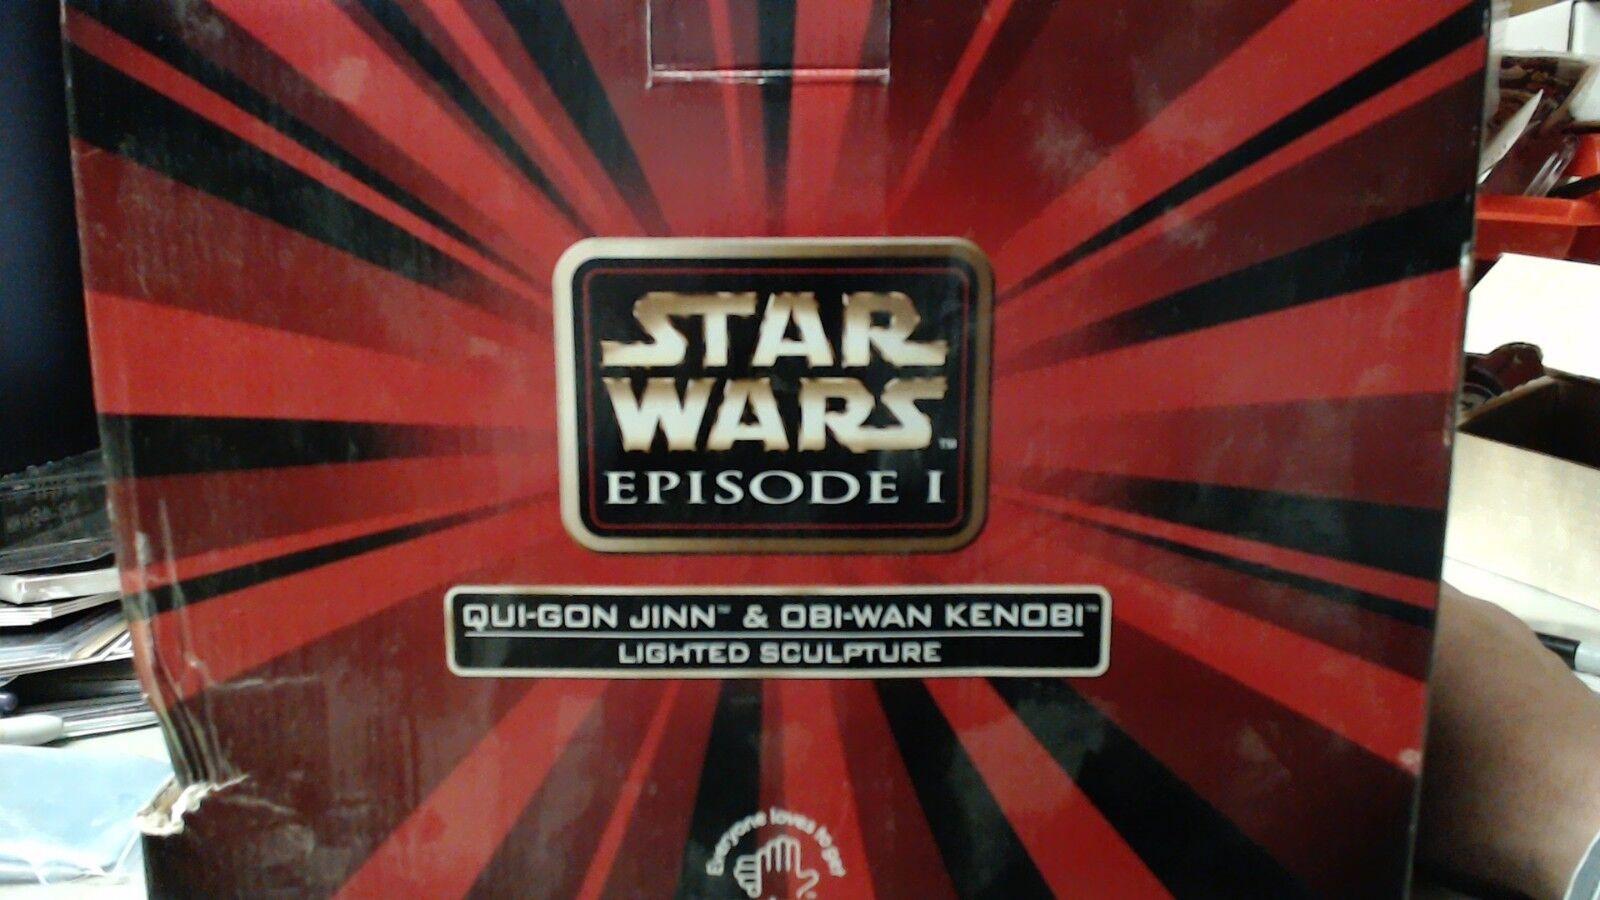 Star Wars episodio 1 Qui-Gon Yinn Obi Wan Kenobi Jedi estatua escultura Iluminada